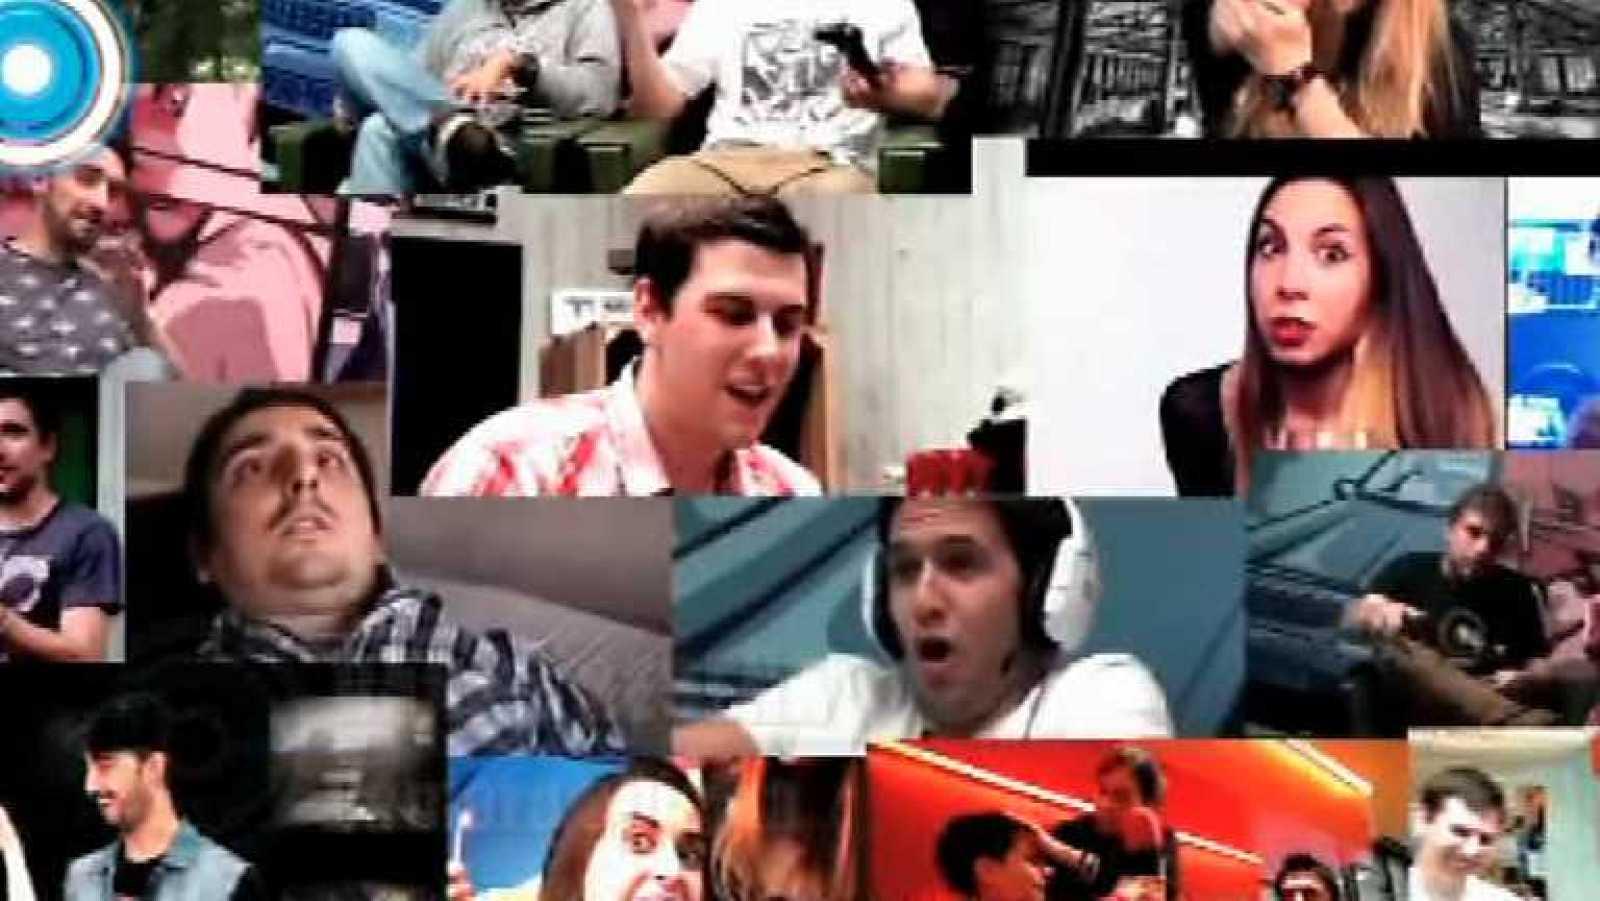 Cámara abierta 2.0 - Youtubers, Dinosaurio (El cortometraje), Psicología online y Belén Rueda en 1minutoCOM - 30/11/13 - Ver ahora